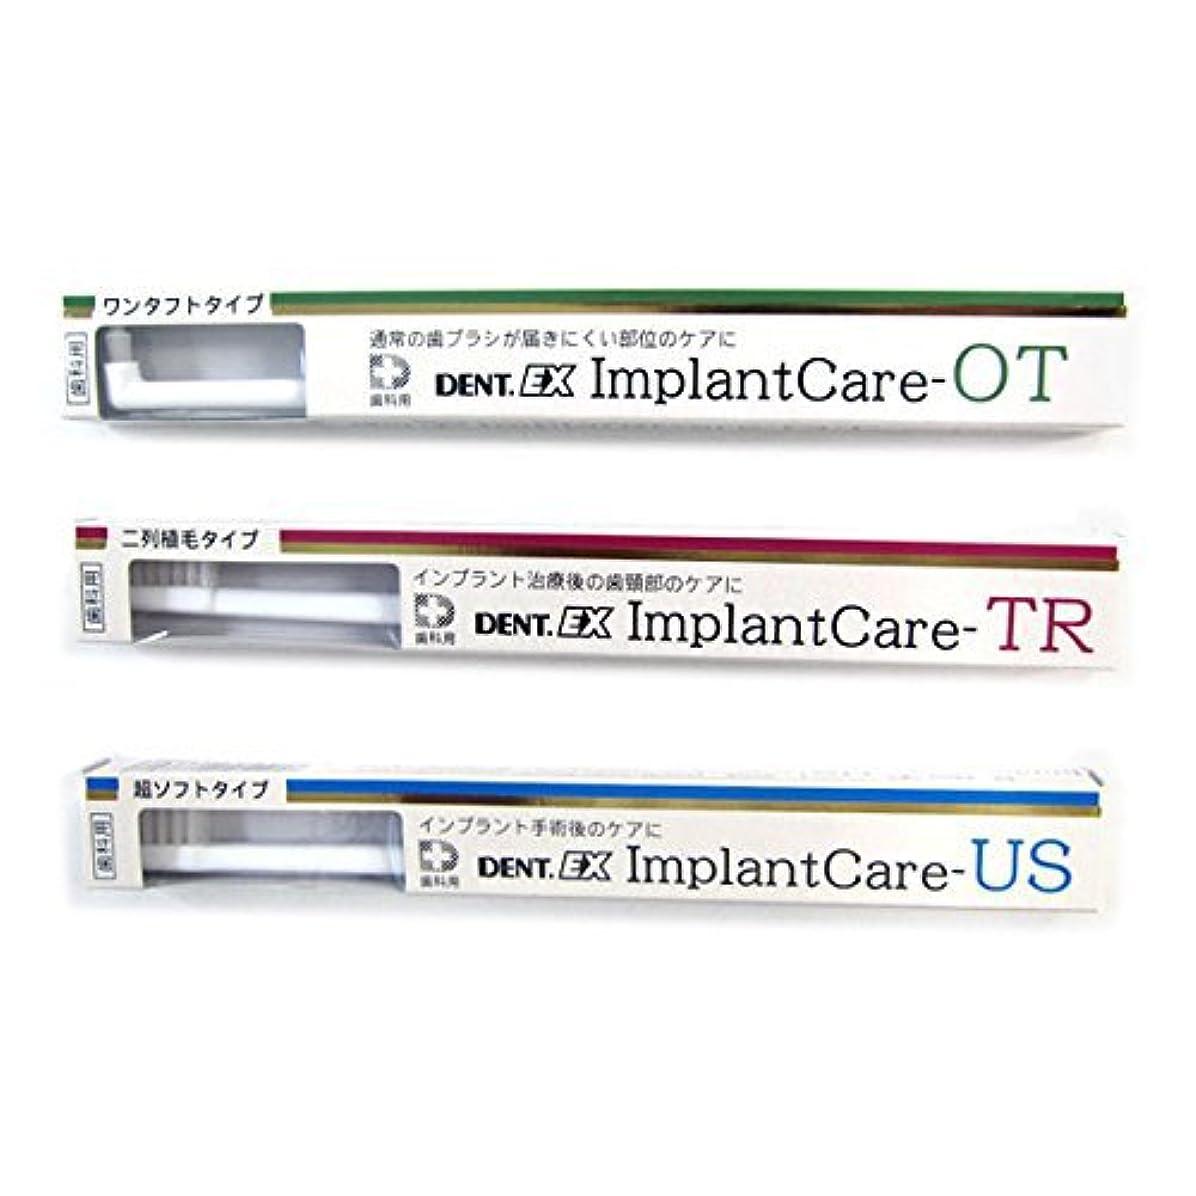 パール切り離す科学的デント DENT EX ImplantCare インプラントケア 単品 OT(ワンタフト)